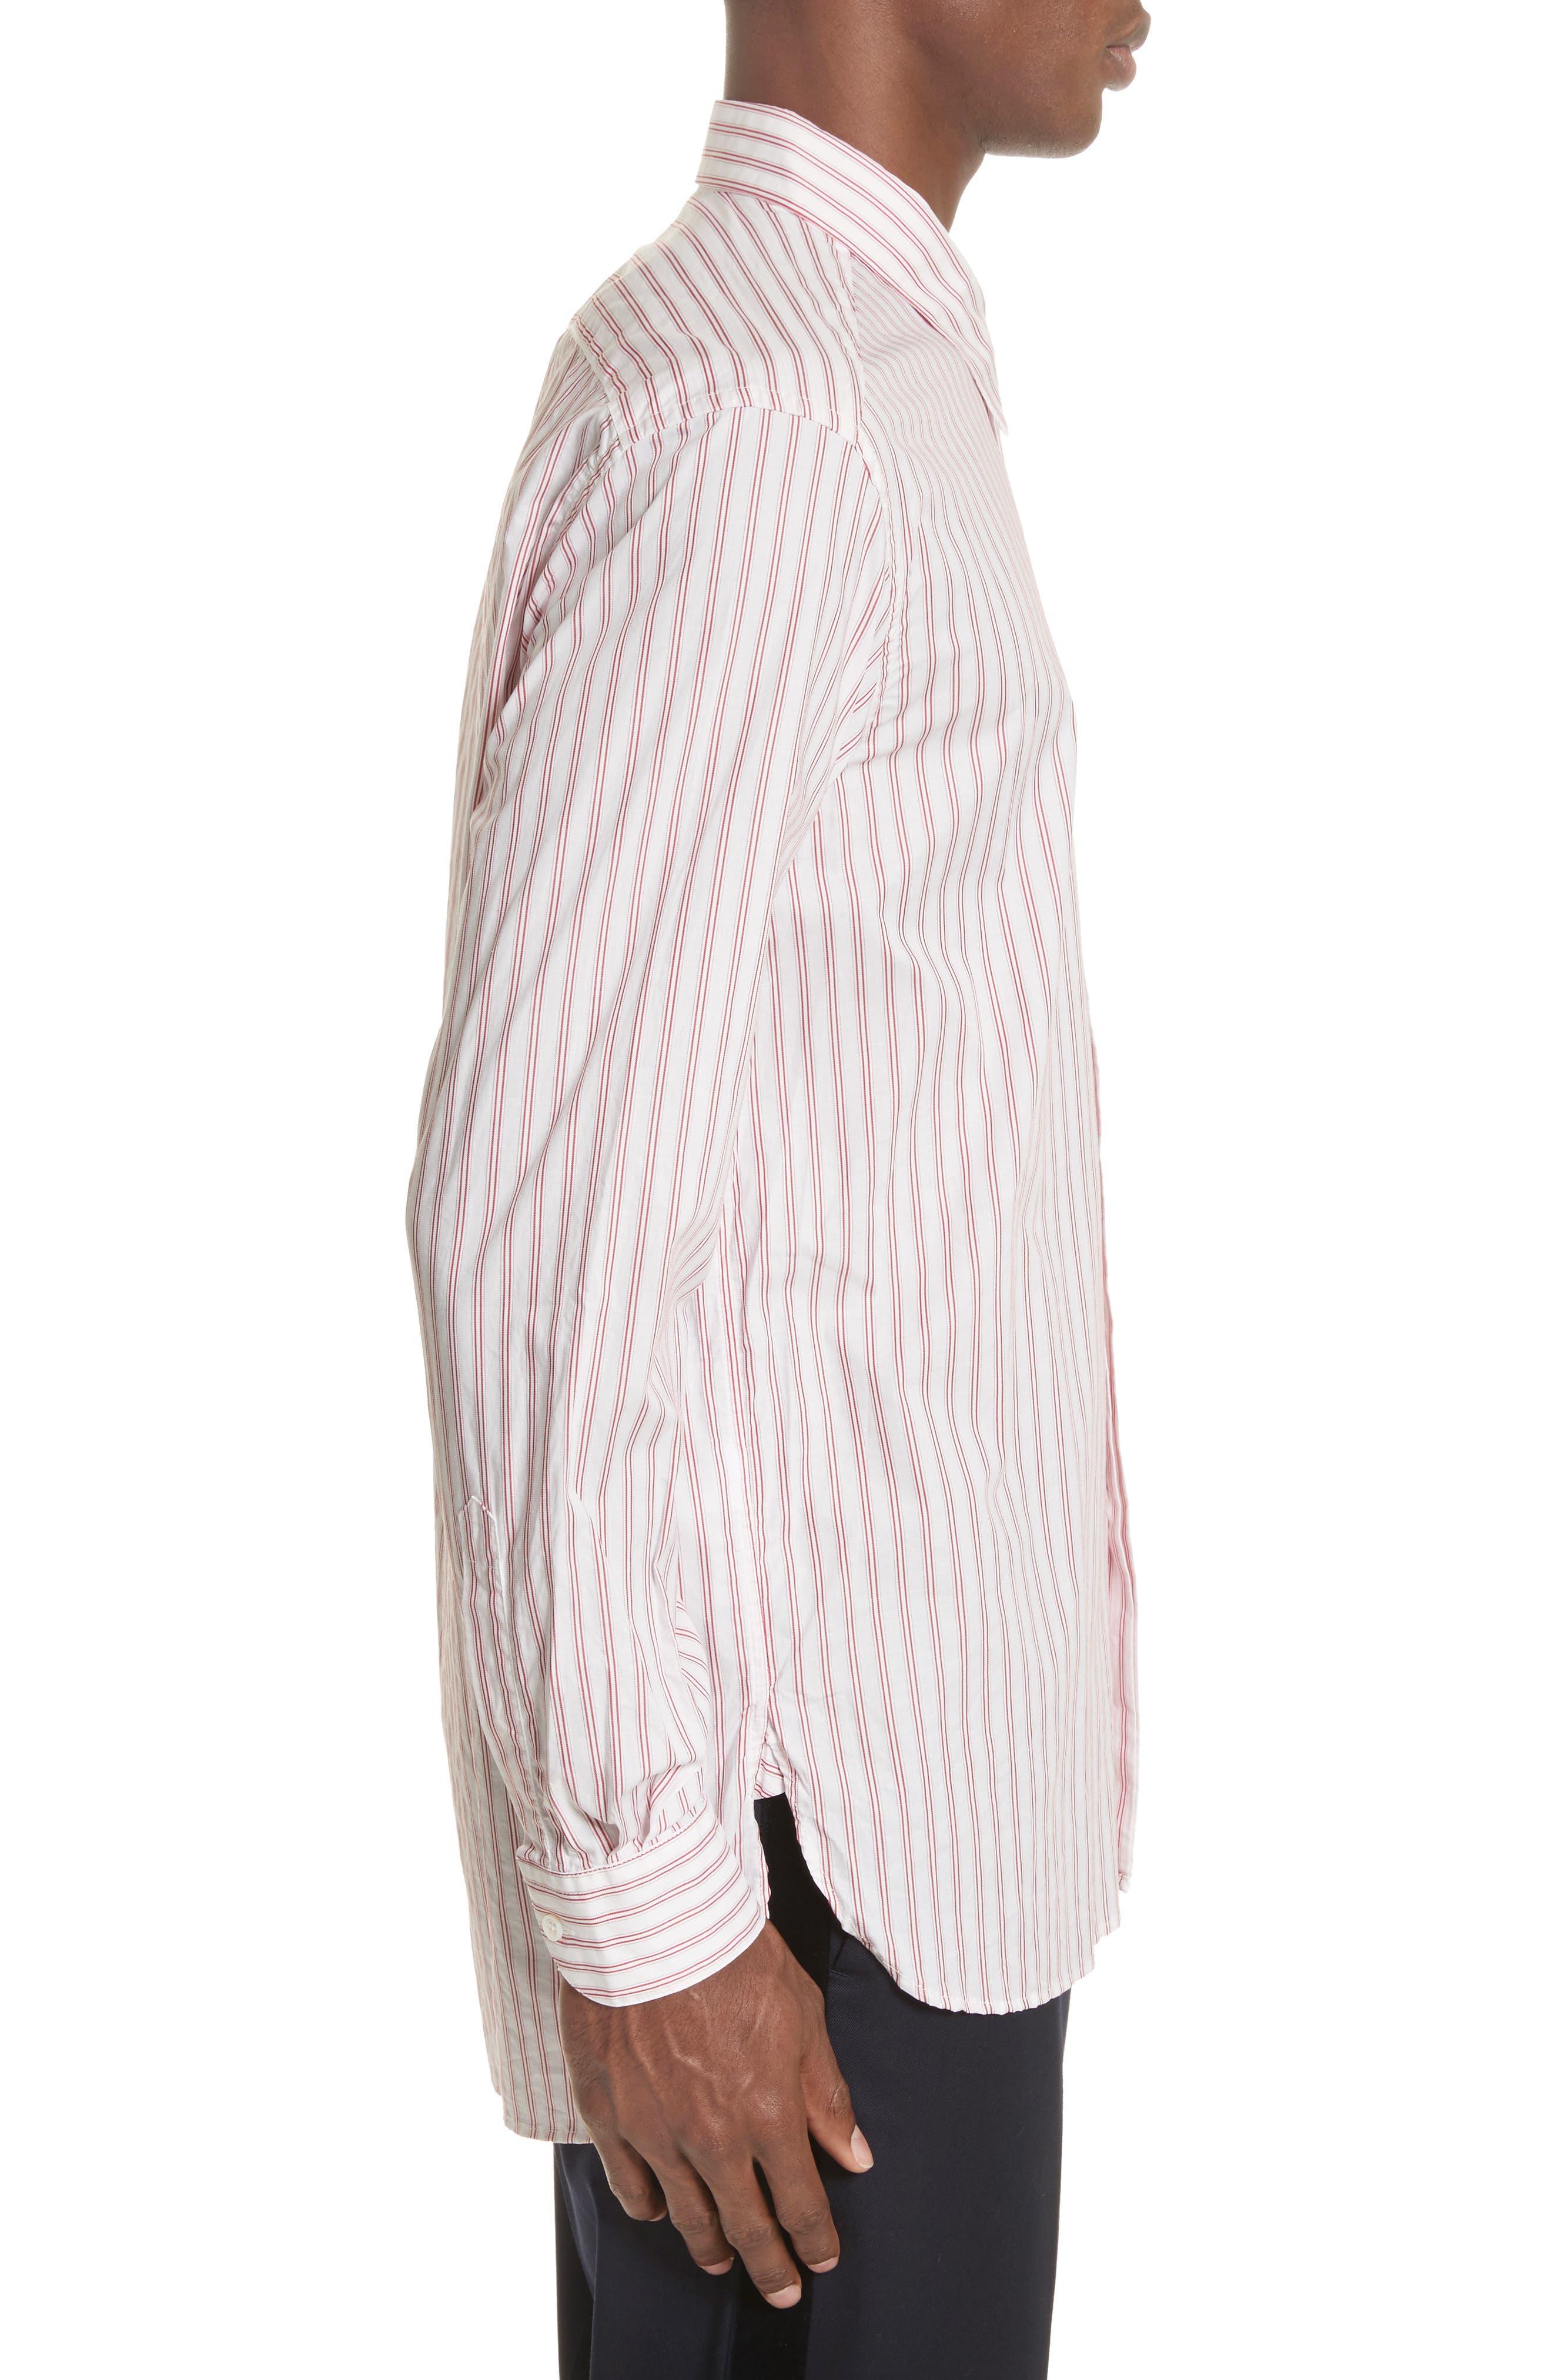 Aega Striped Sport Shirt,                             Alternate thumbnail 4, color,                             110